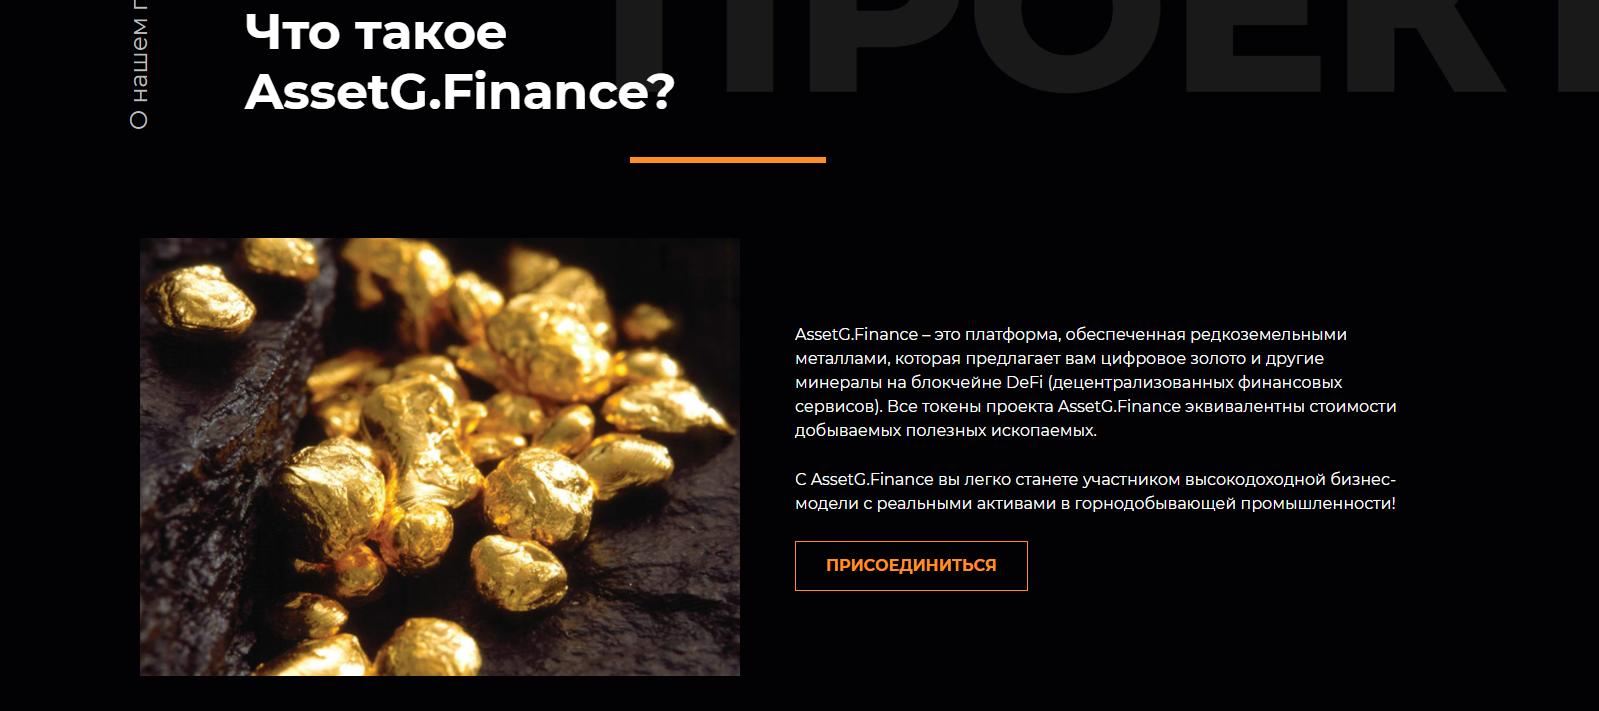 Компания AssetG.Finance - вложись в цифровое золото и потеряй все свои деньги!